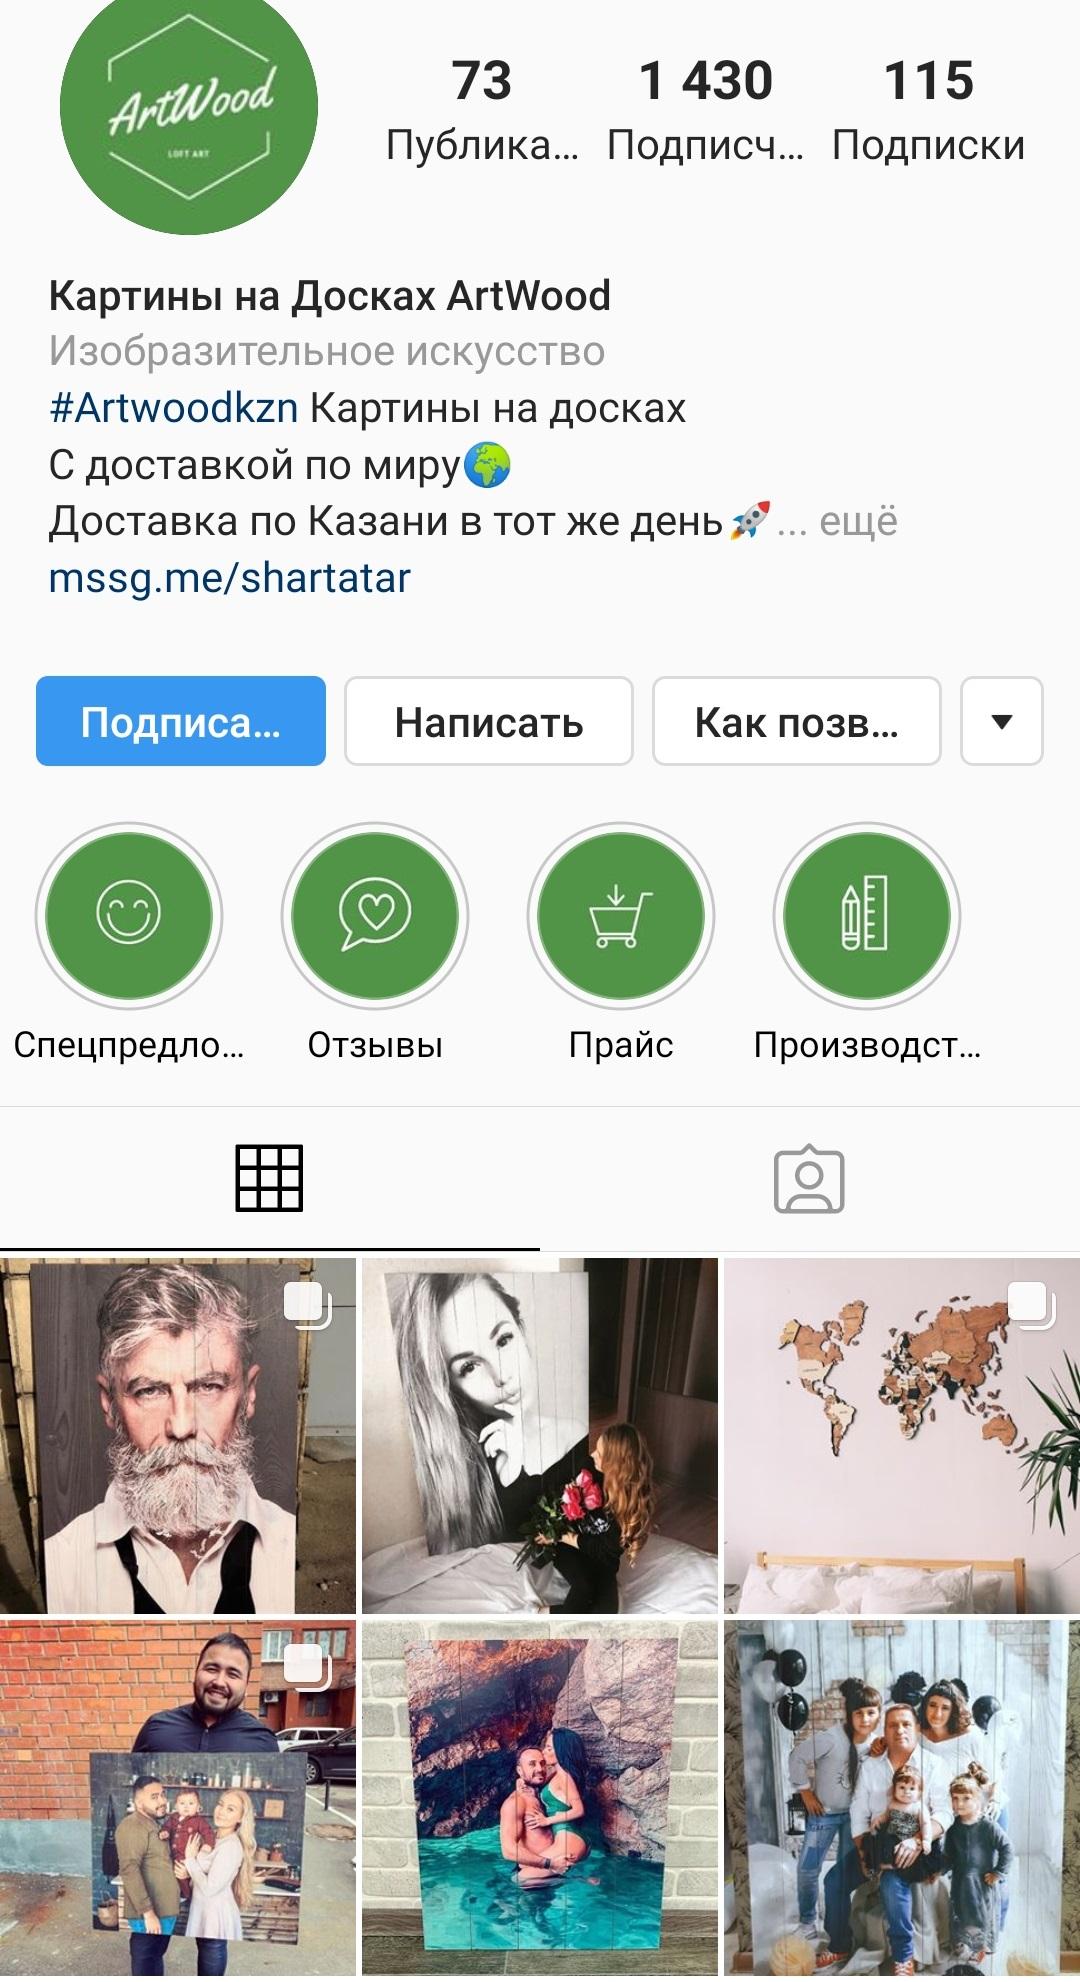 картины на досках в Казани, ArtWood, картины на досках, казань, подарки в Казани, дети, картины, подарки мужу, подарки жене